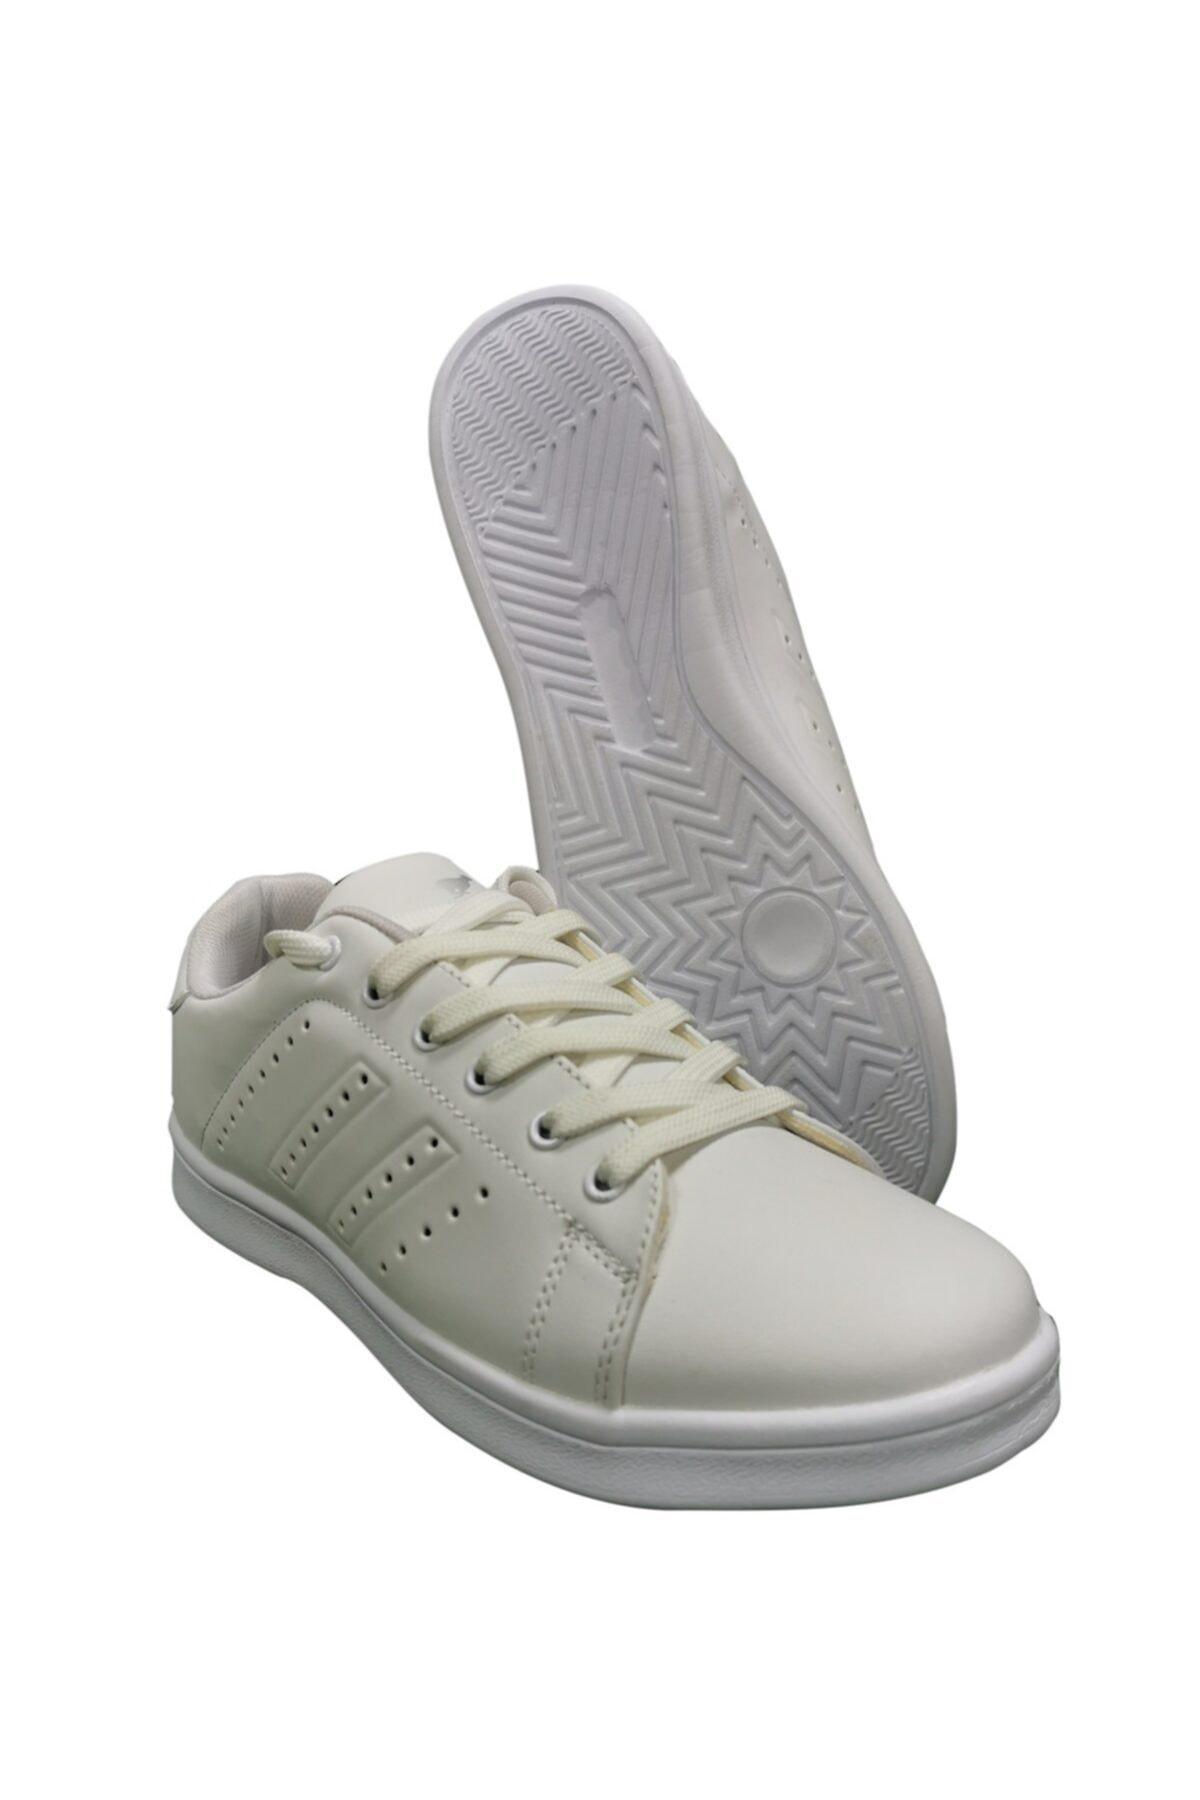 Cheta Kadın  Beyaz Günlük Spor Ayakkabı Cht002 2